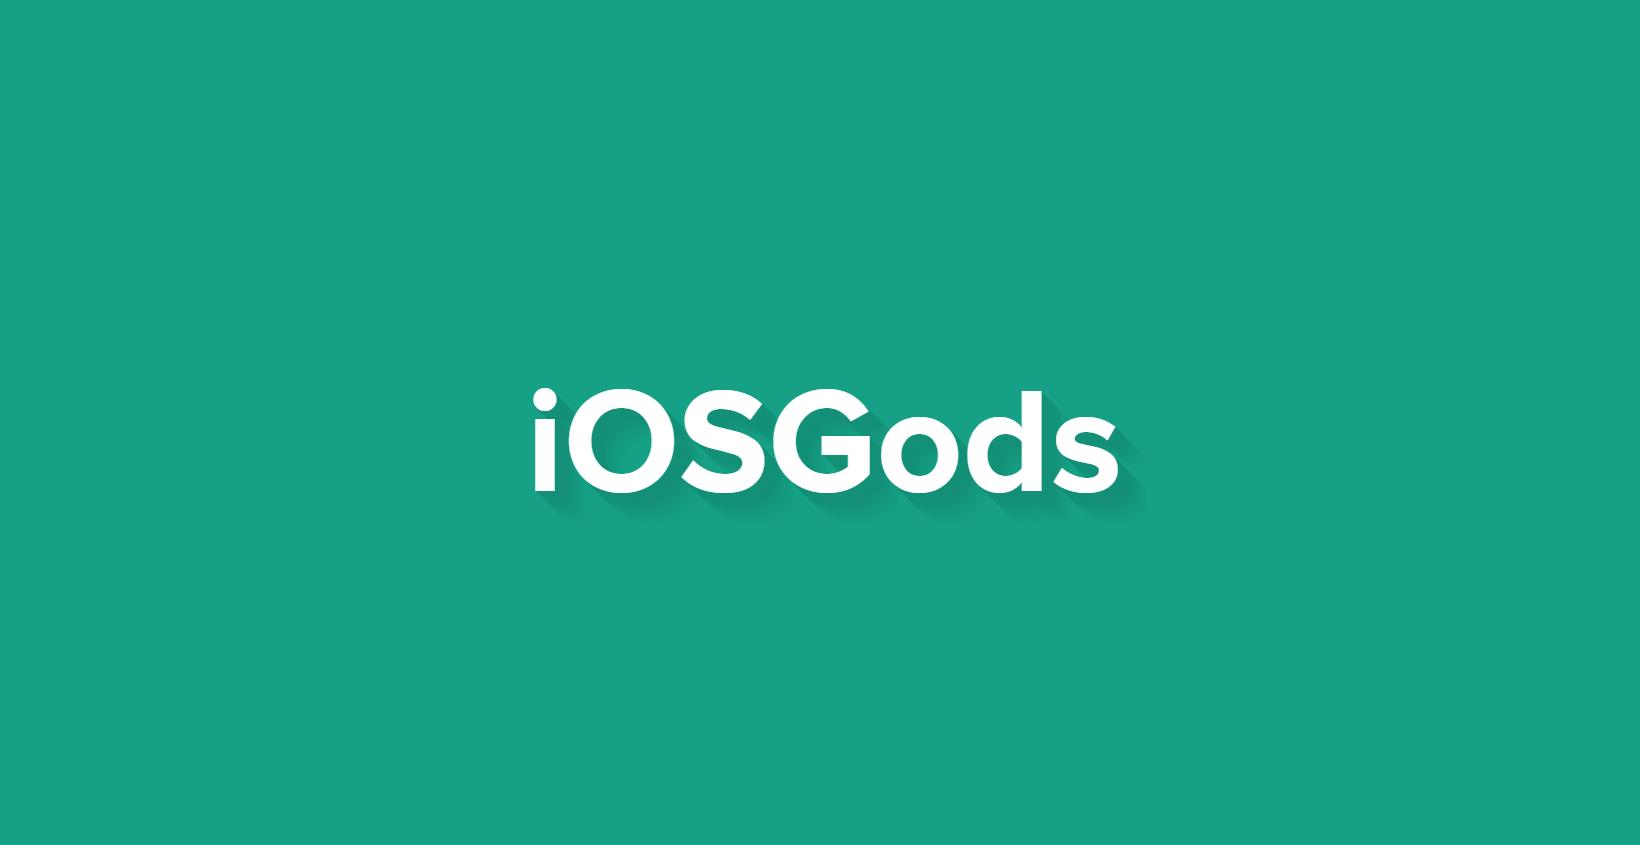 DADi's Content - iOSGods